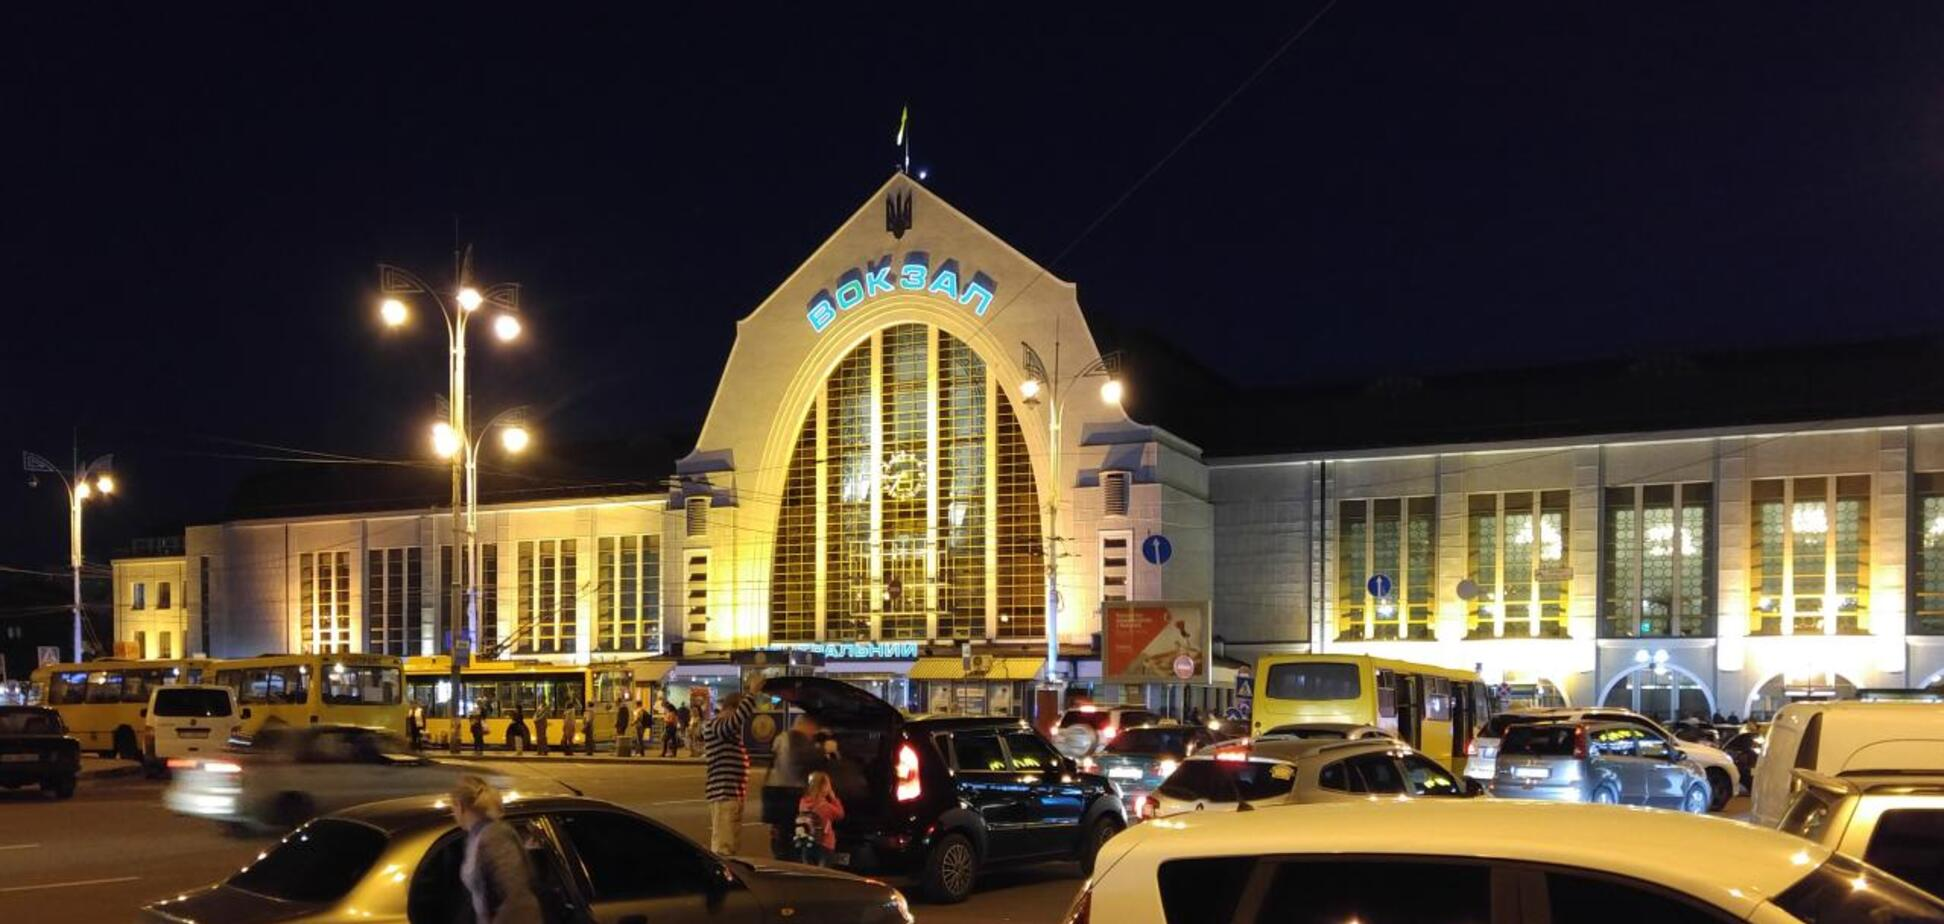 У центрі Києва з'явилися зарядні станції для електромобілів: де їх шукати